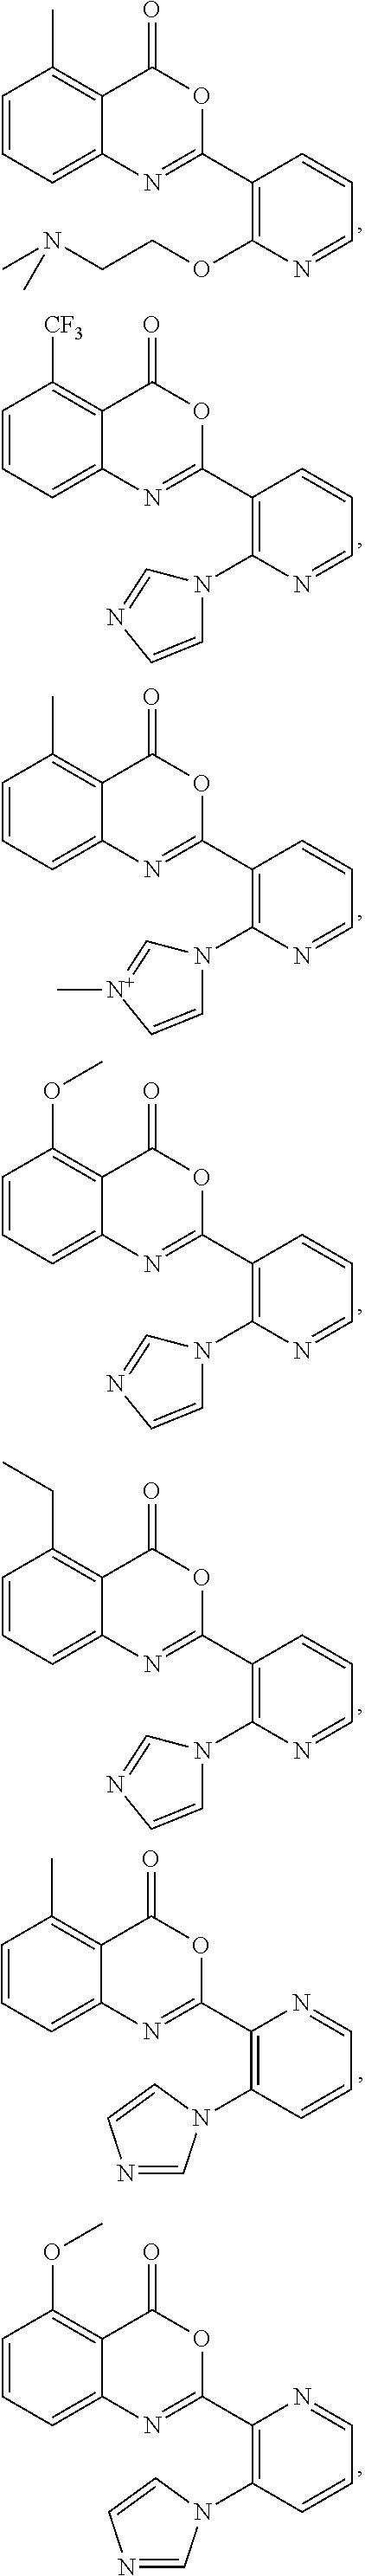 Figure US07879846-20110201-C00033